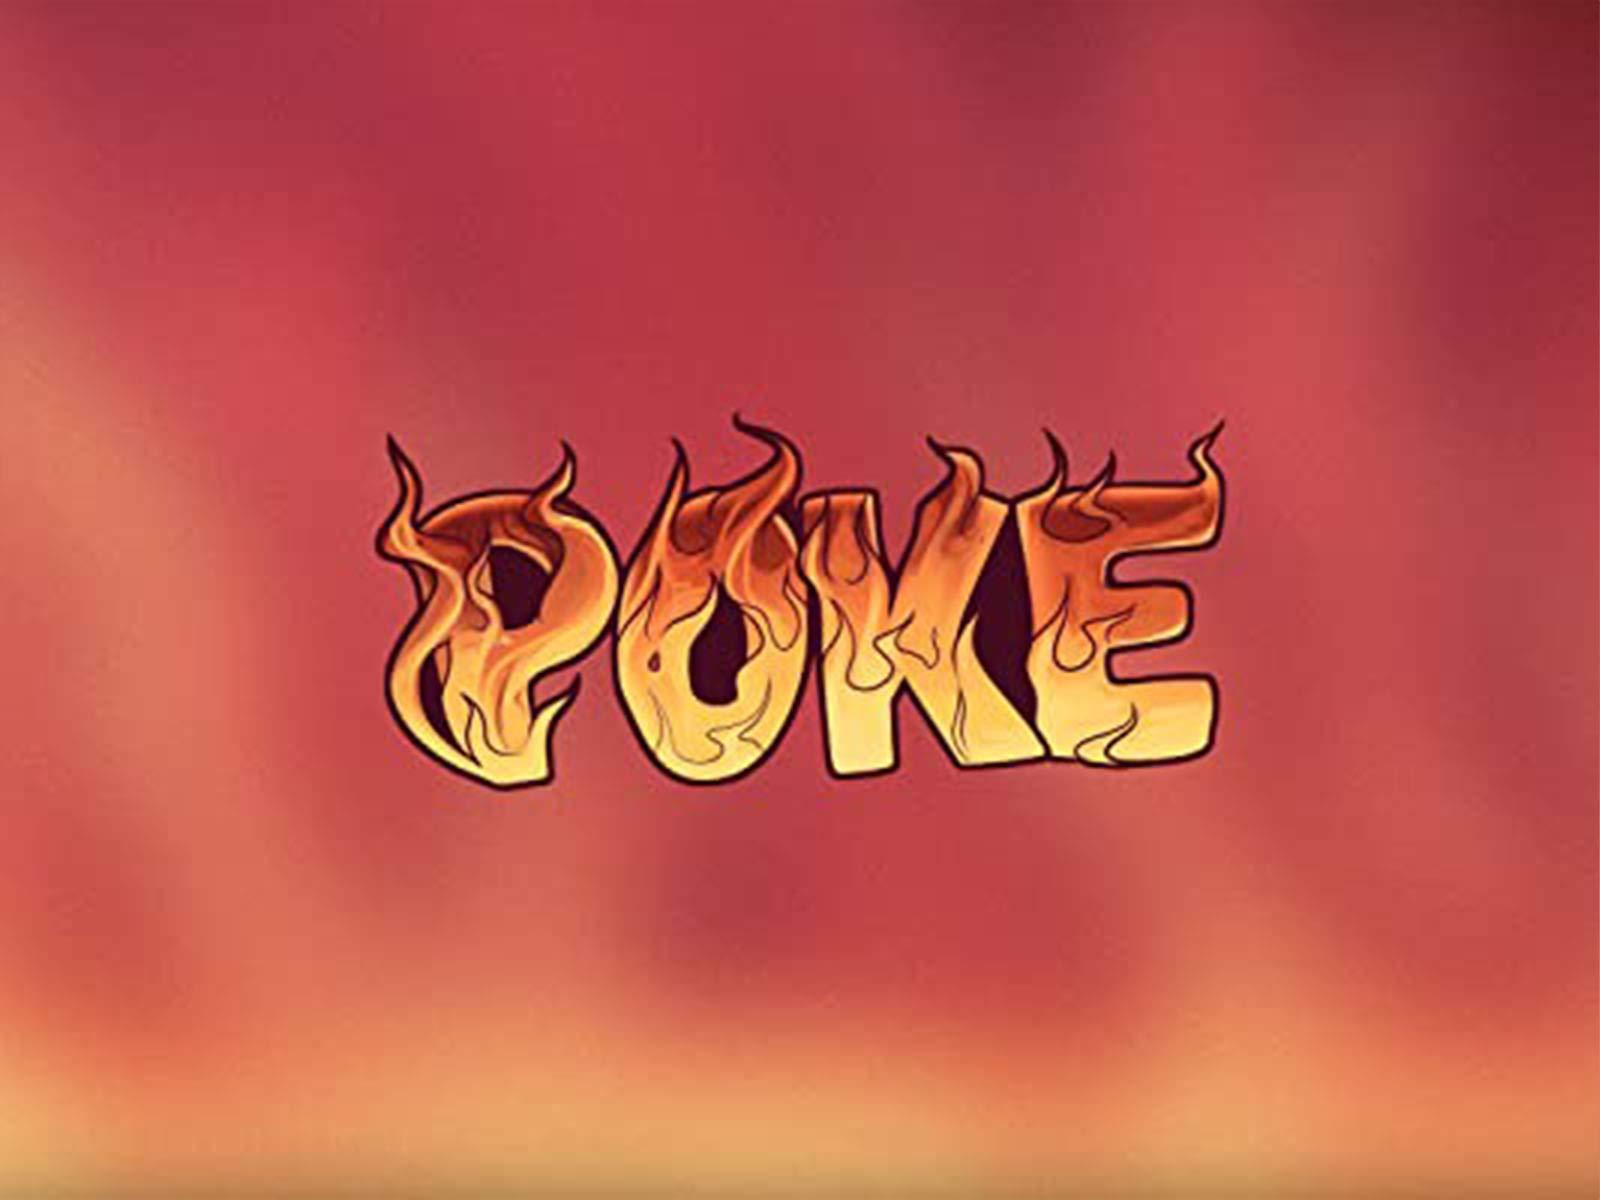 Clip: Poke - Season 2